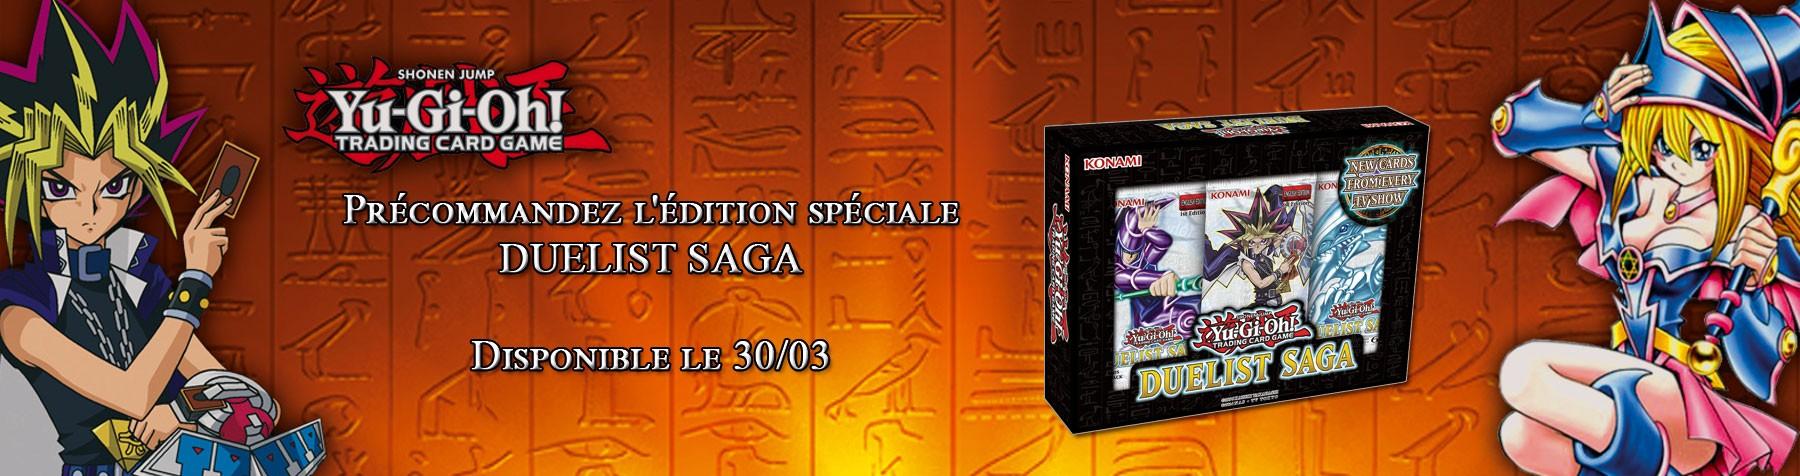 Yu-Gi-Oh ! Duellist Saga en précommande pour le 31/03 !